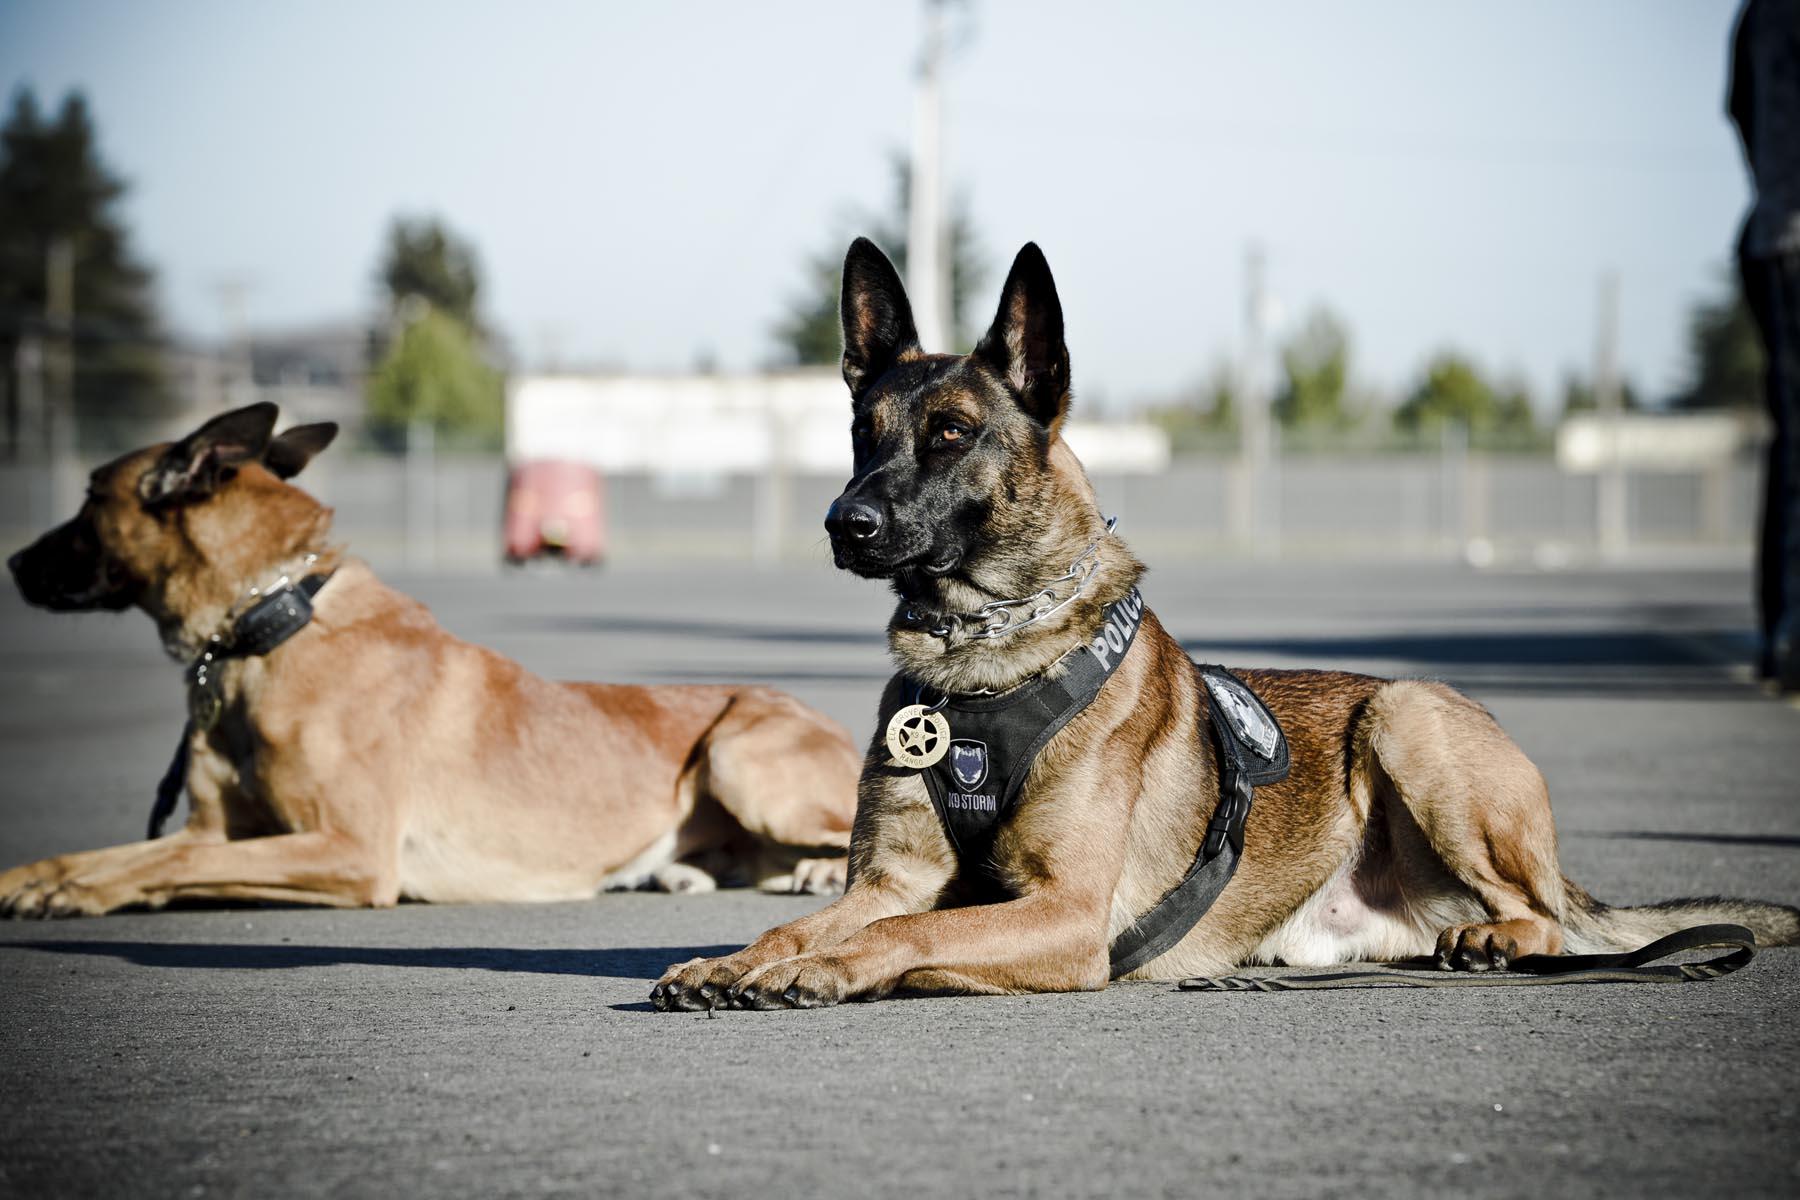 K9 unit dogs